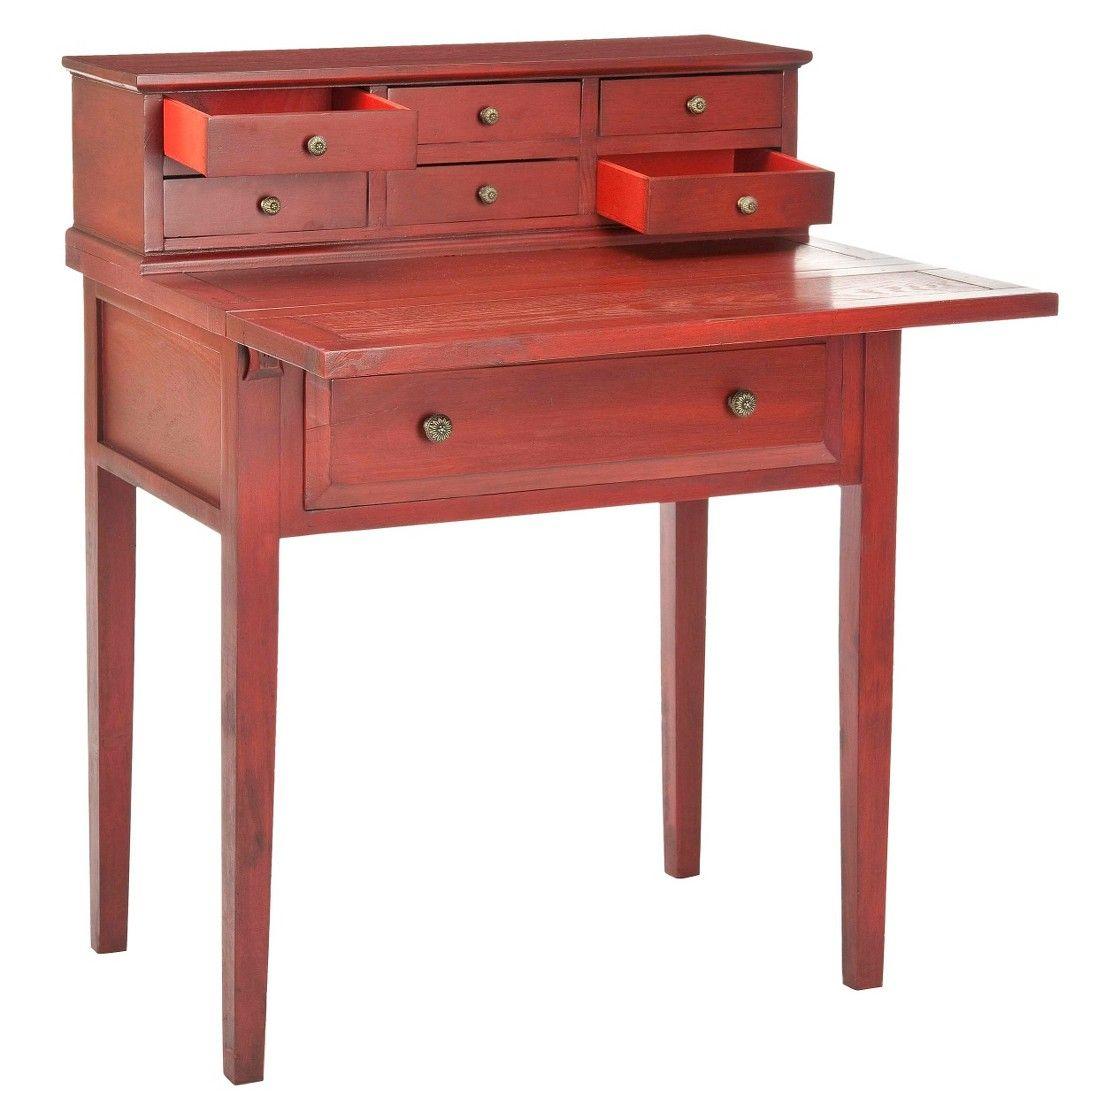 Catalonia Wood Writing Desk With Drawers Cherry Safavieh Schreibtisch Umklappen Schreibtisch Holz Mobelideen